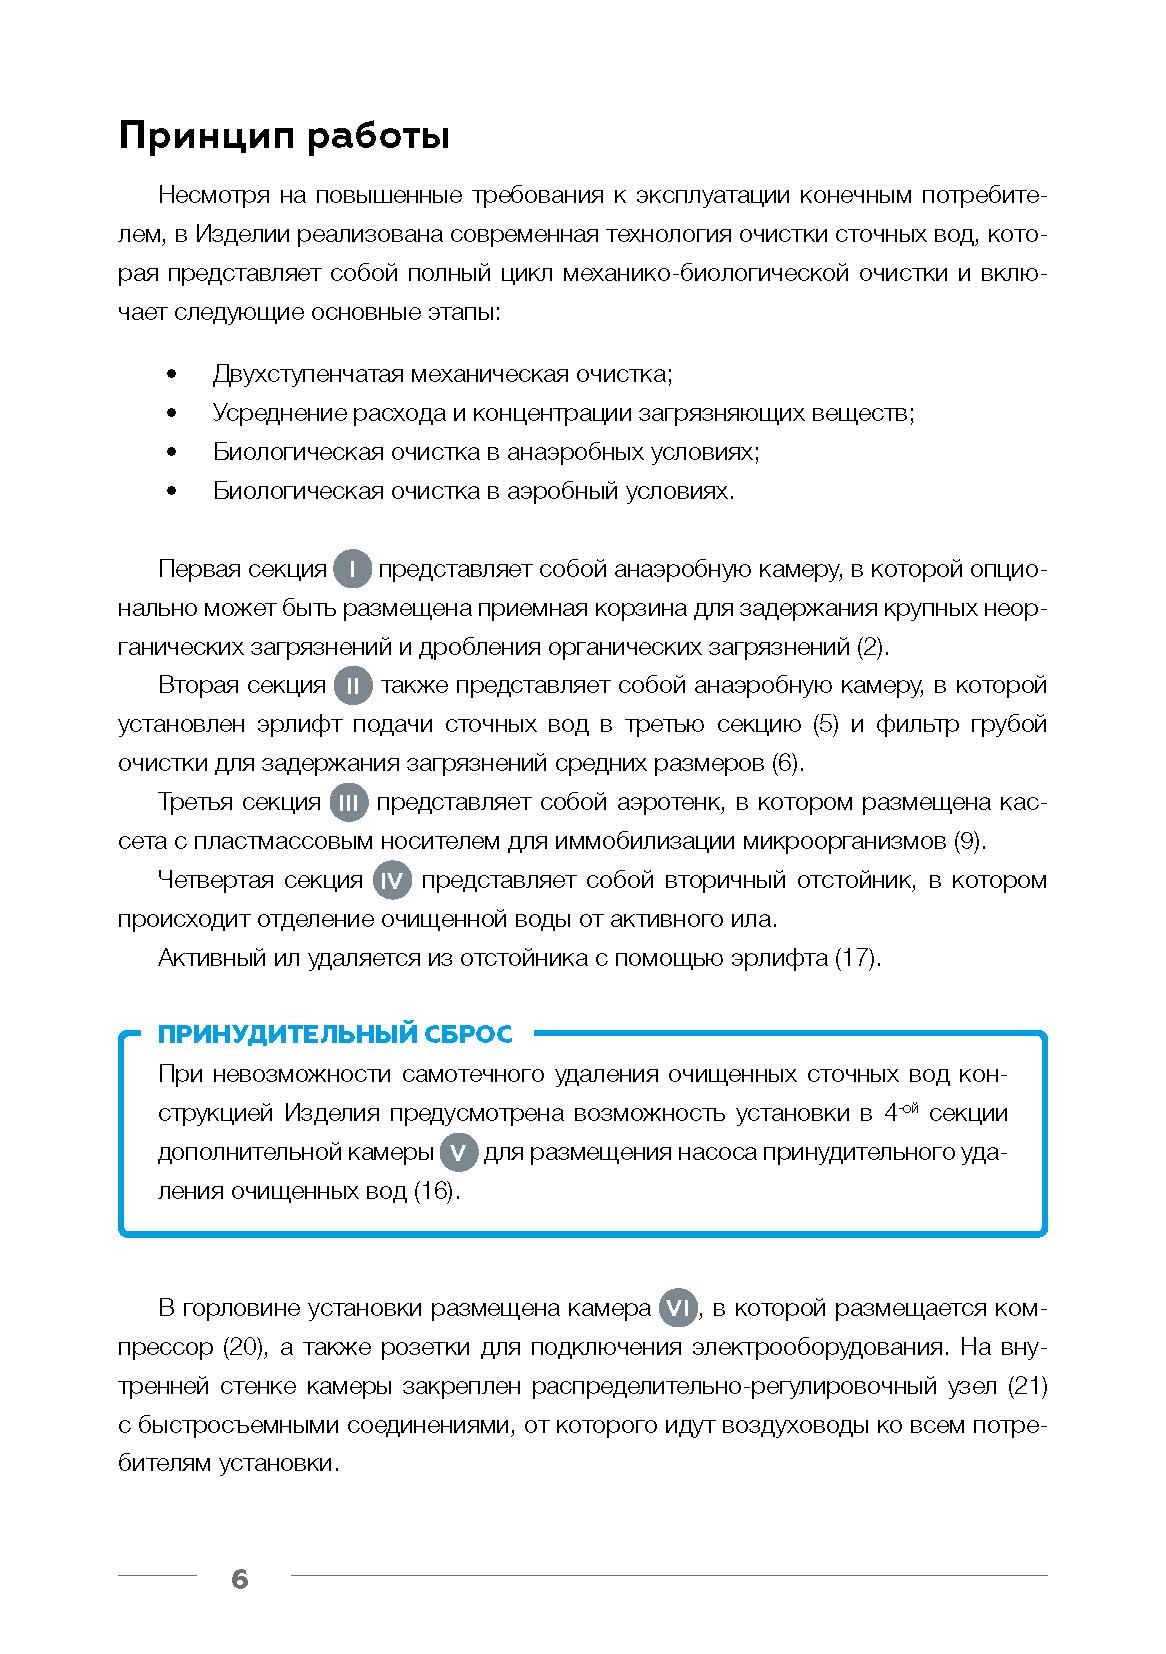 Технический паспорт Евролос Про_Страница_08